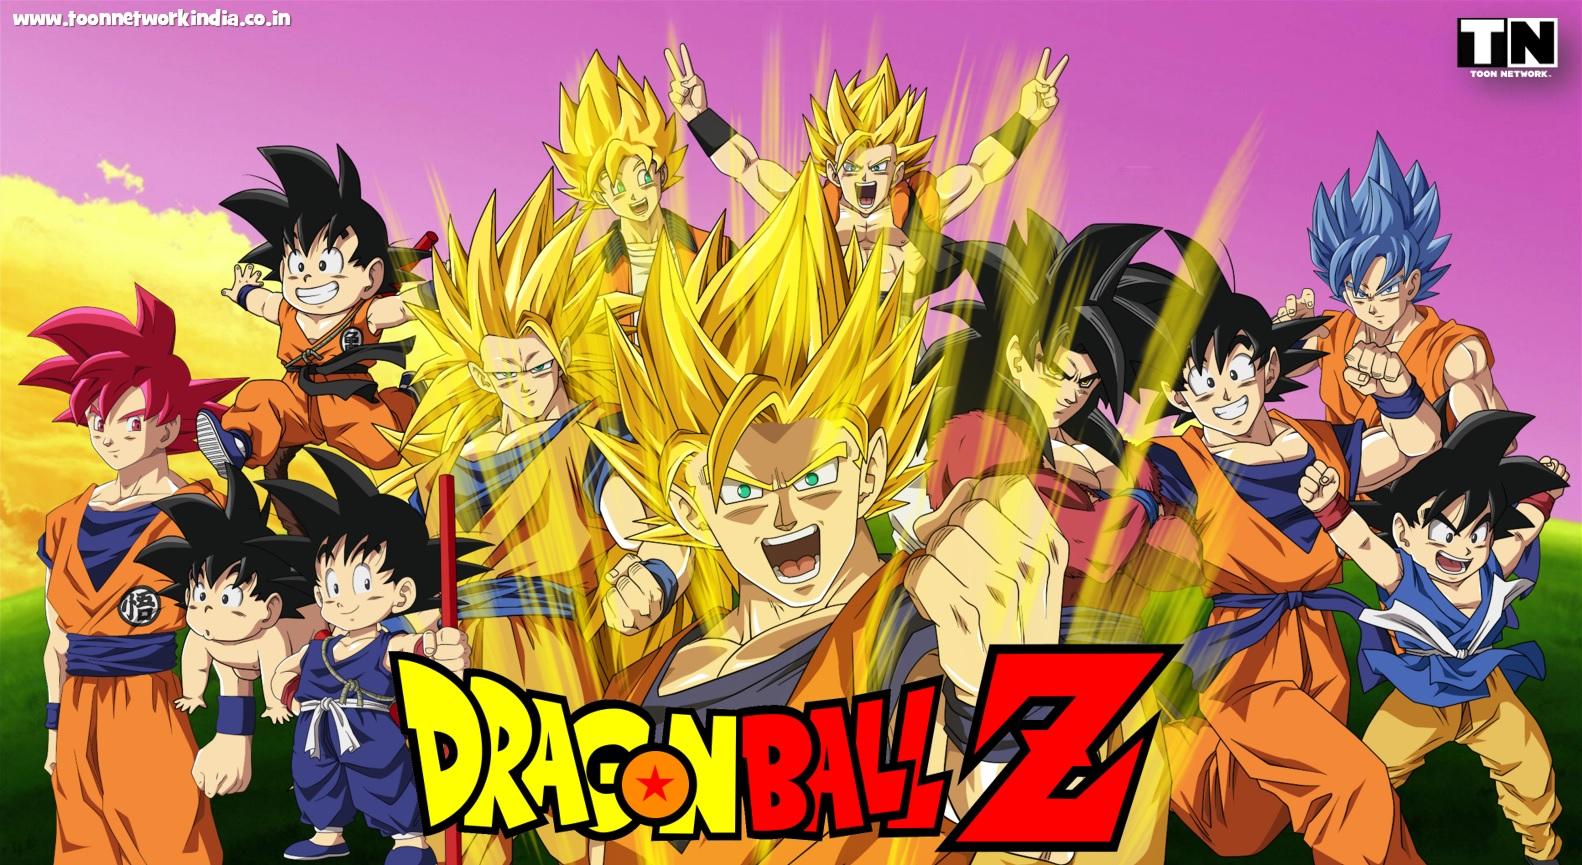 Dragon ball z new episodes 1080p 720p hd cartoon - Image de dragon ball z ...